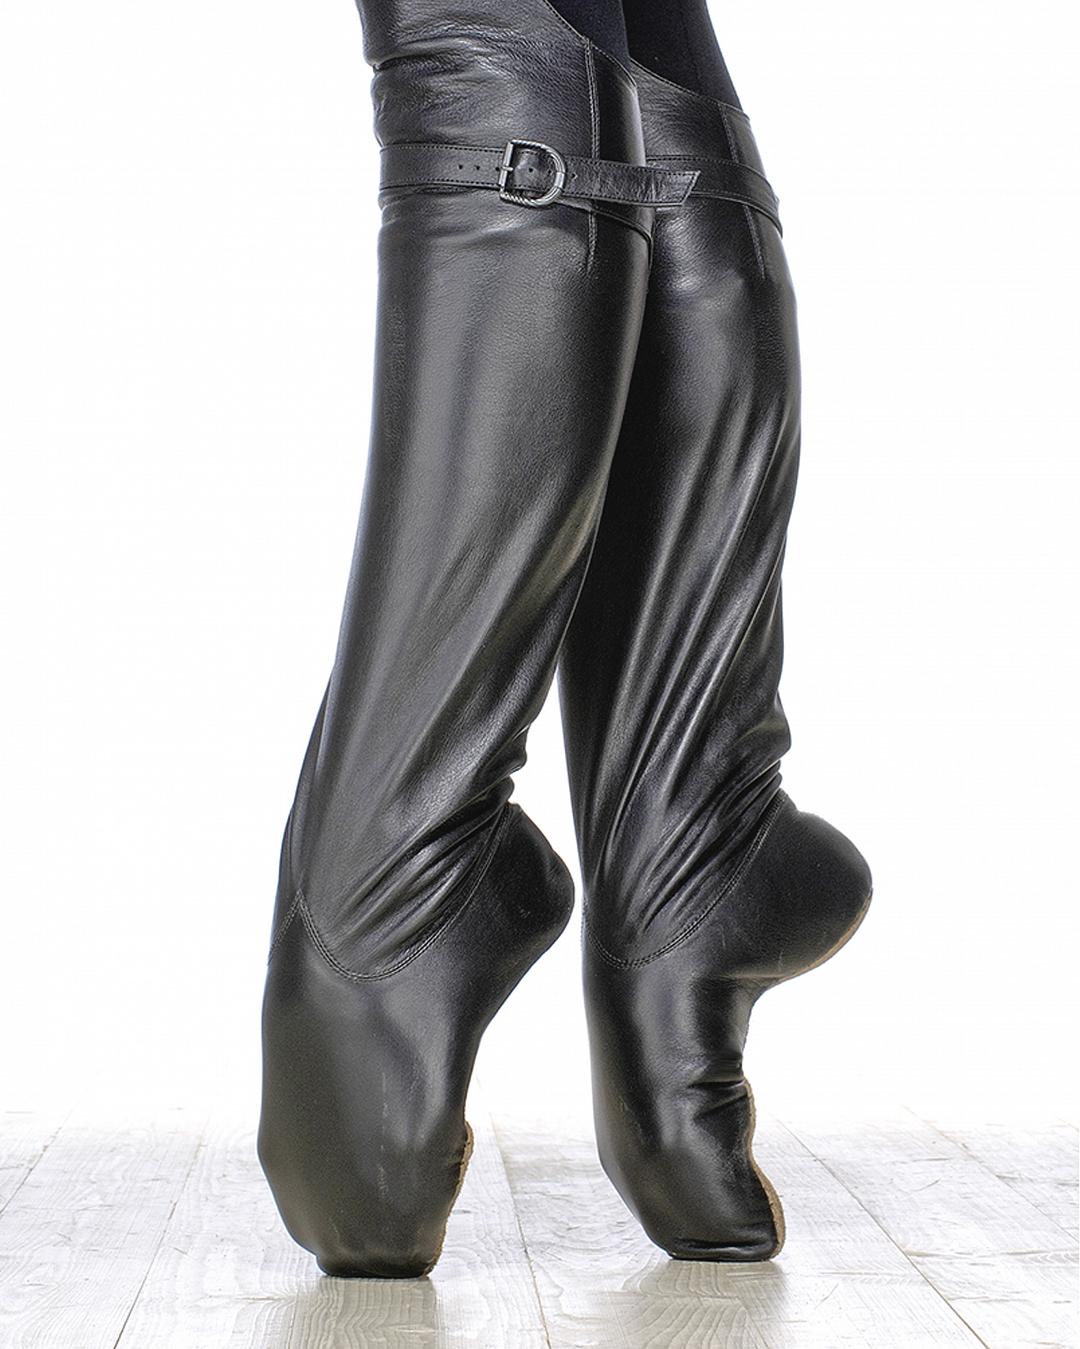 03231 Male «Caucasian» ballet boots